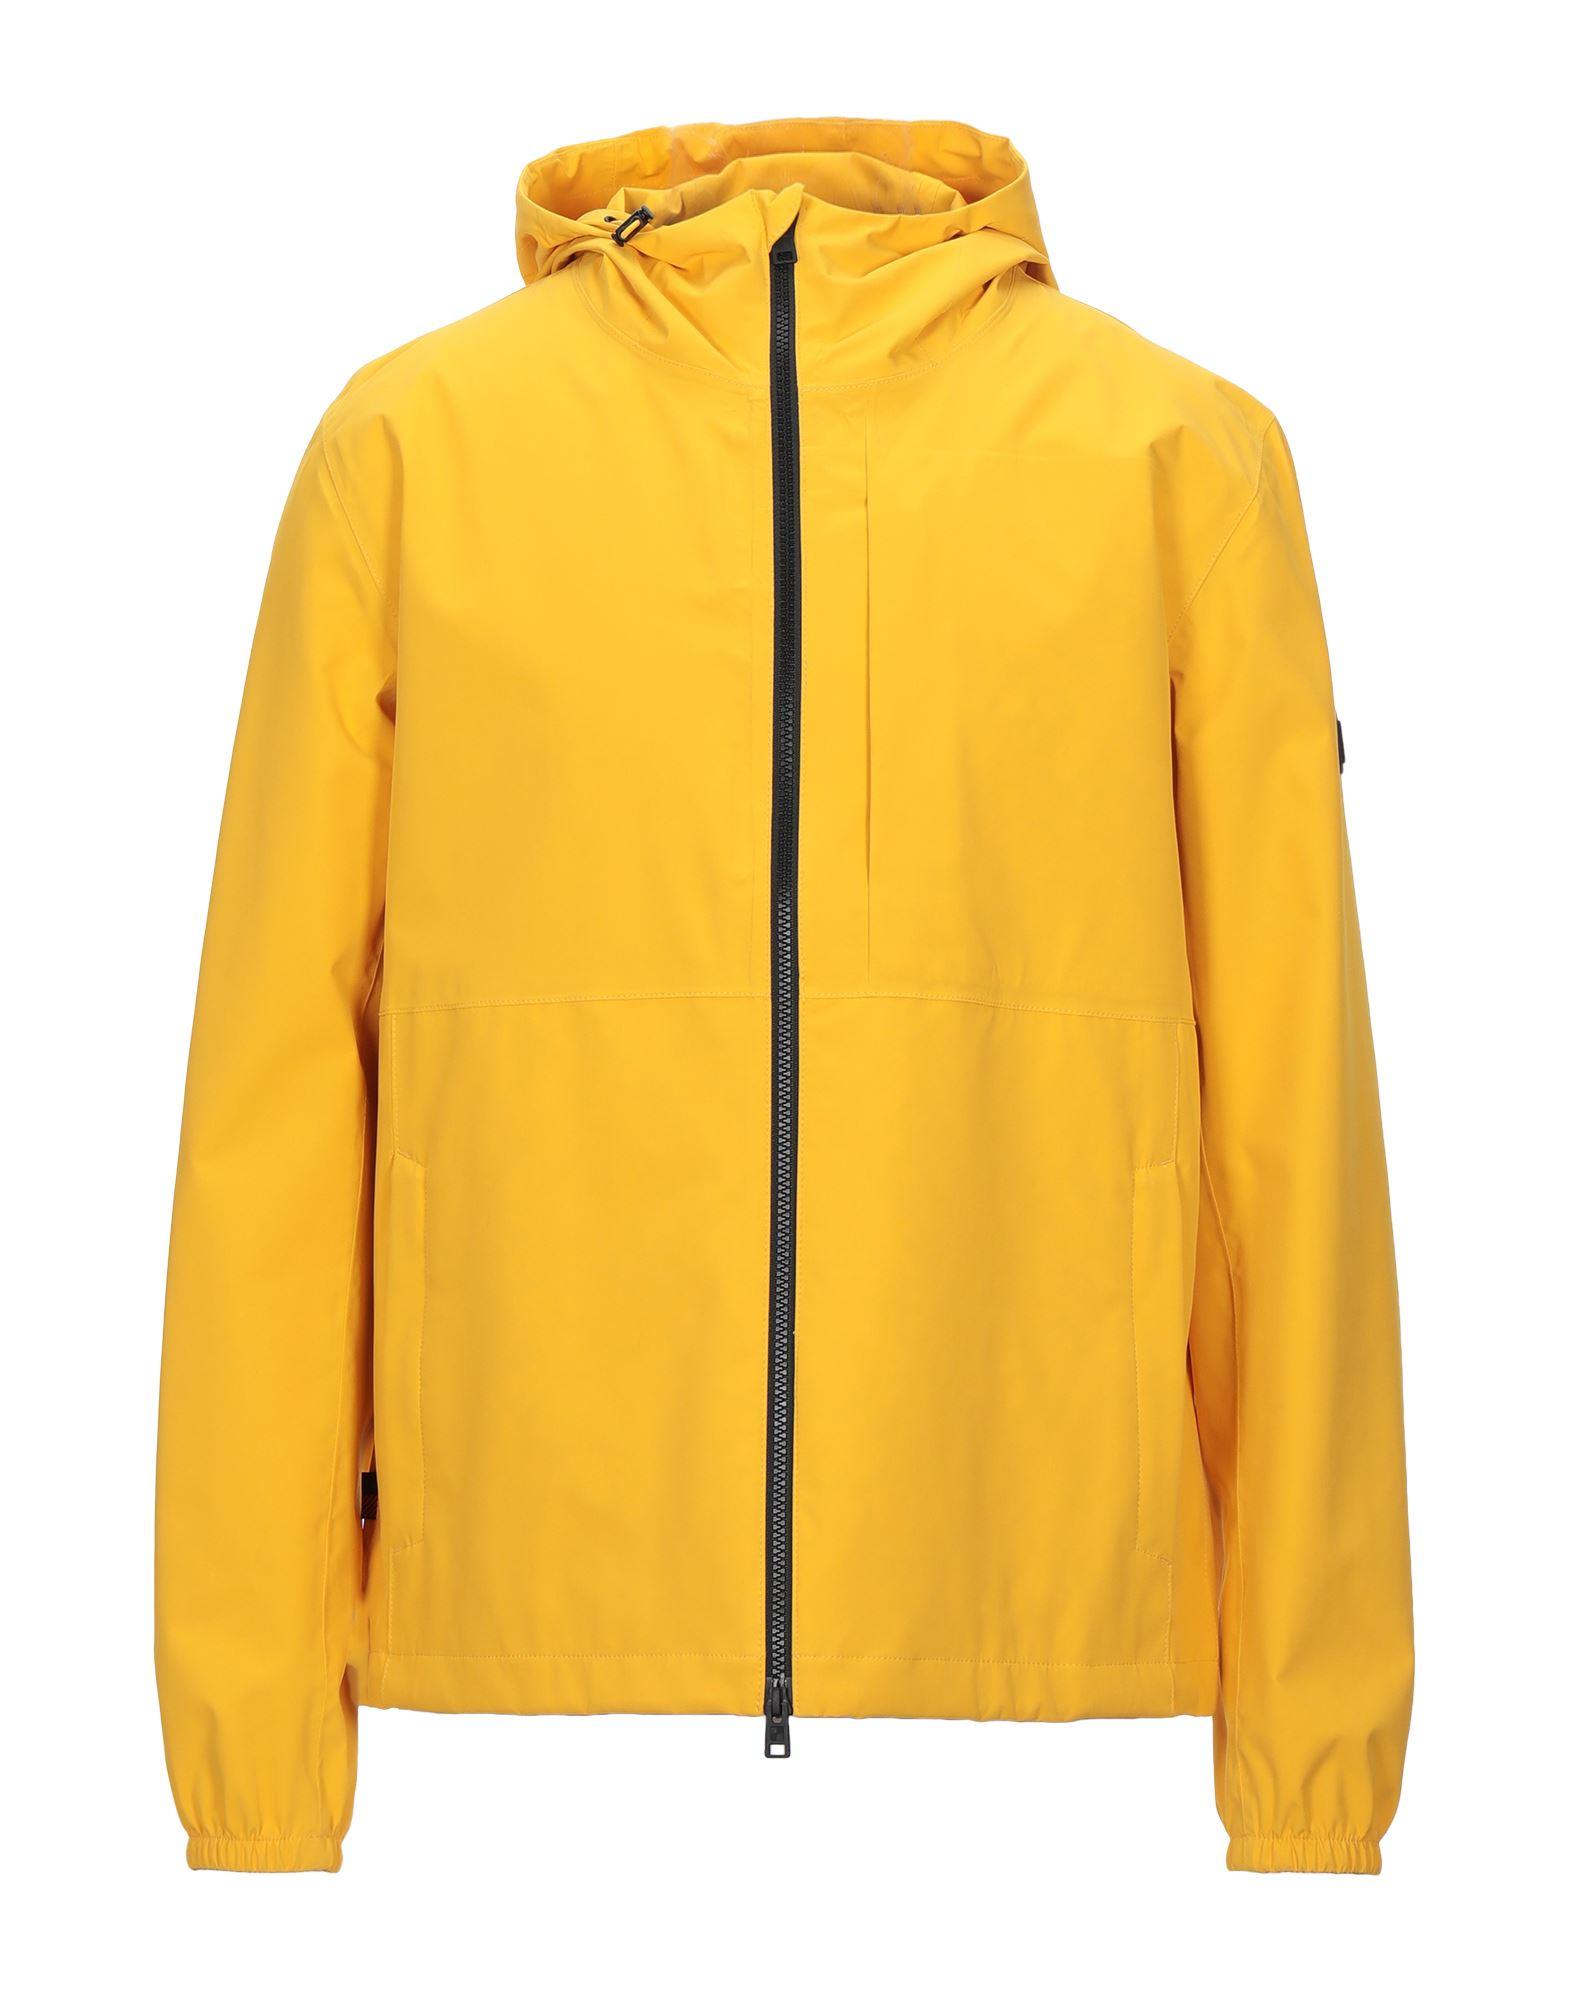 Фото - WOOLRICH Куртка куртка woolrich куртка